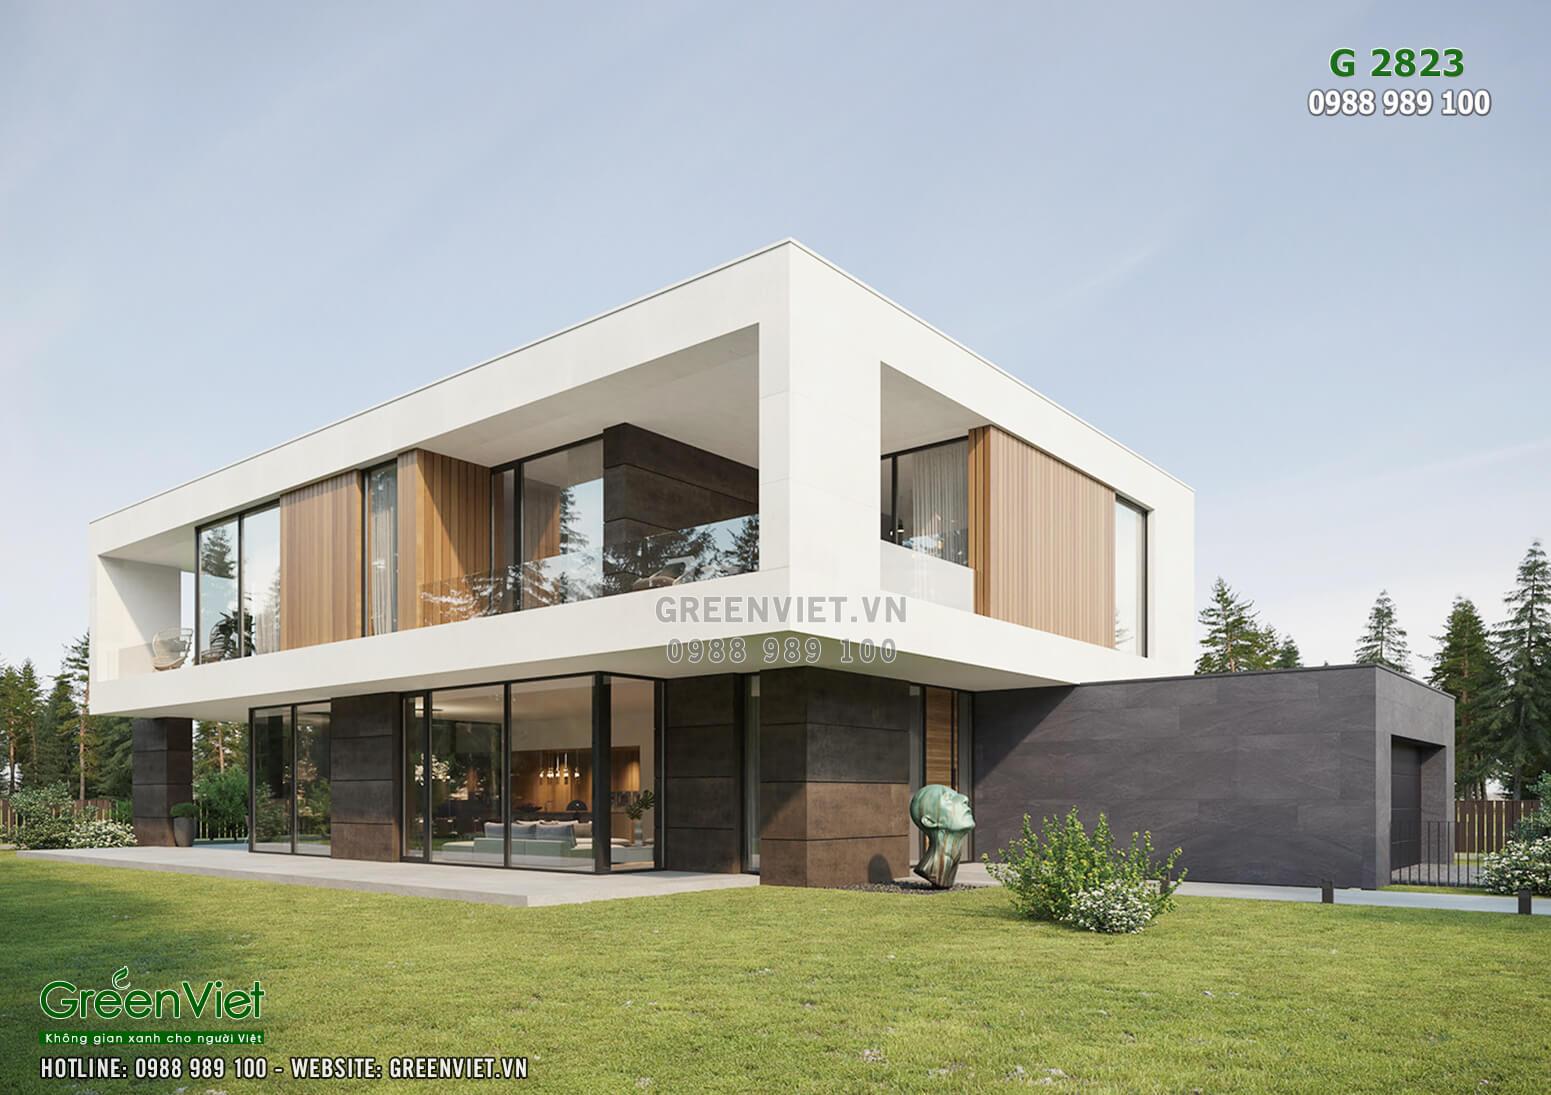 Hình ảnh: Thiết kế biệt thự đẹp hiện đại - G2823